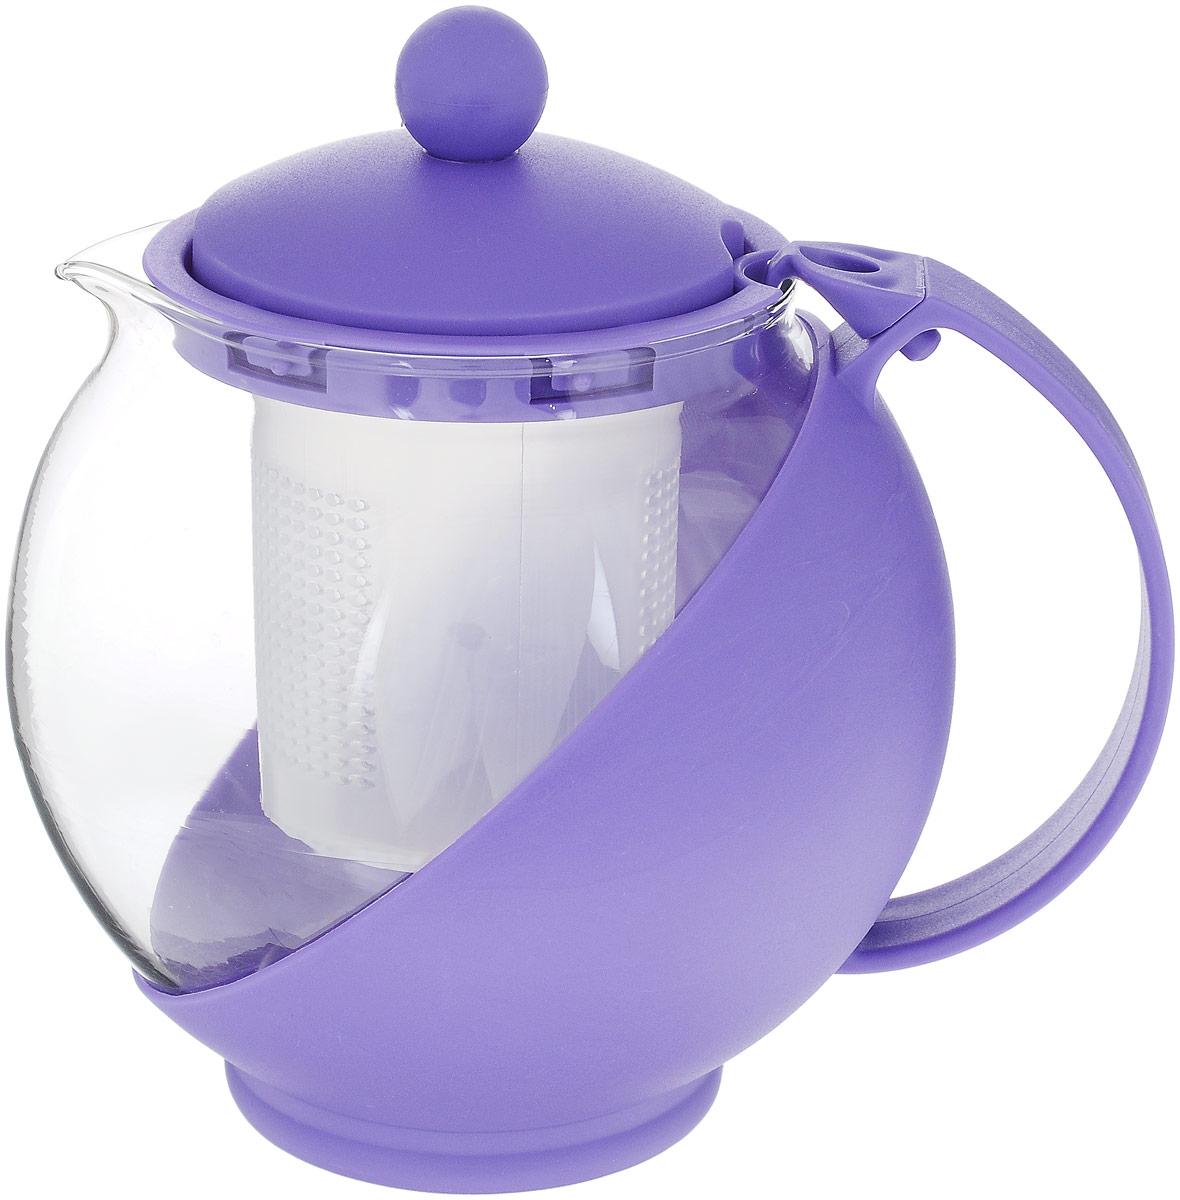 Чайник заварочный Wellberg Aqual, с фильтром, цвет: прозрачный, сиреневый, 750 мл325 WB_прозрачный, сиреневыйЗаварочный чайник Wellberg Aqual изготовлен из высококачественного пищевого пластика и жаропрочного стекла. Чайник имеет пластиковый фильтр и оснащен удобной ручкой. Крышка плотно закрывается, а удобный носик предотвращает проливание жидкости. Чайник прекрасно подойдет для заваривания чая и травяных напитков. Высота чайника (без учета крышки): 11,5 см.Высота чайника (с учетом крышки): 14 см. Диаметр (по верхнему краю): 8 см.Высота фильтра: 6,5 см.